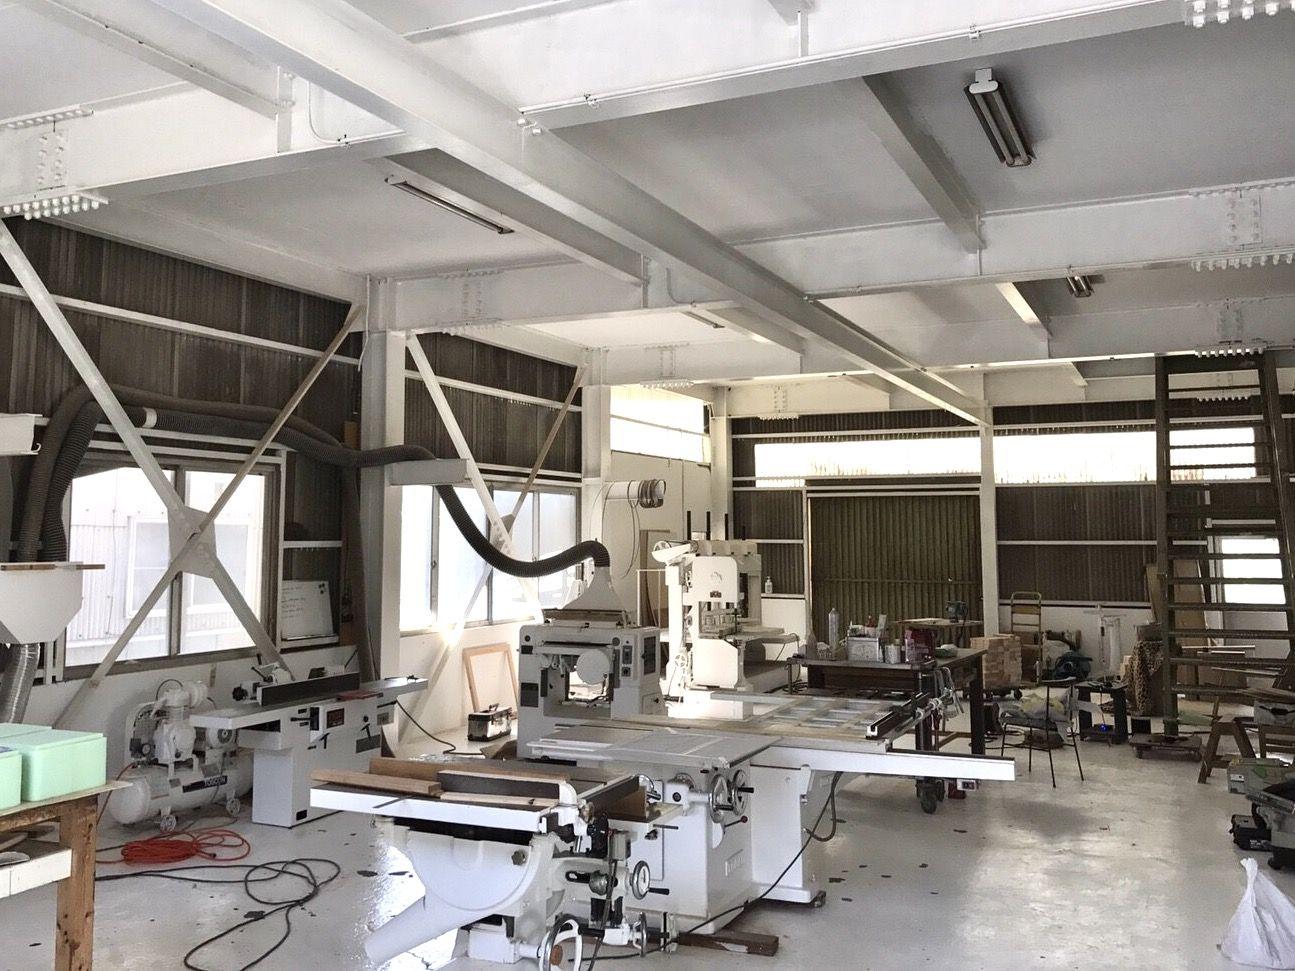 淡路島にあるルーツファクトリー工房オニオンベース